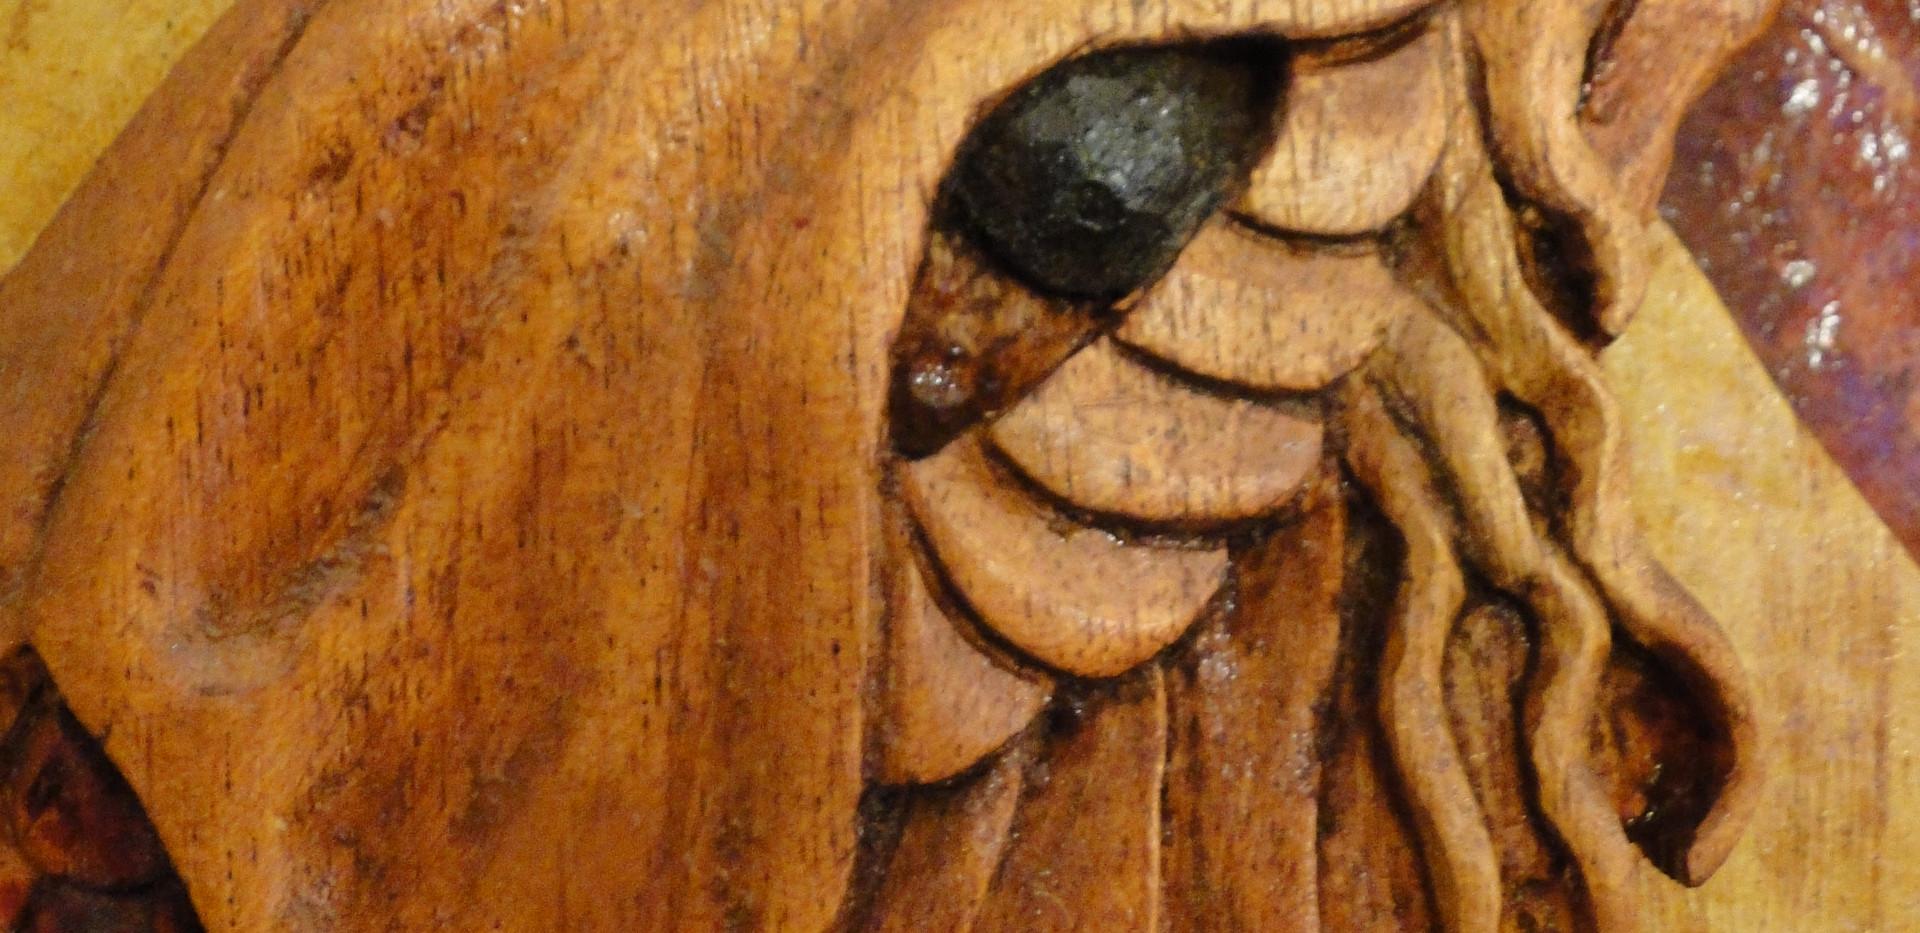 Koi detail